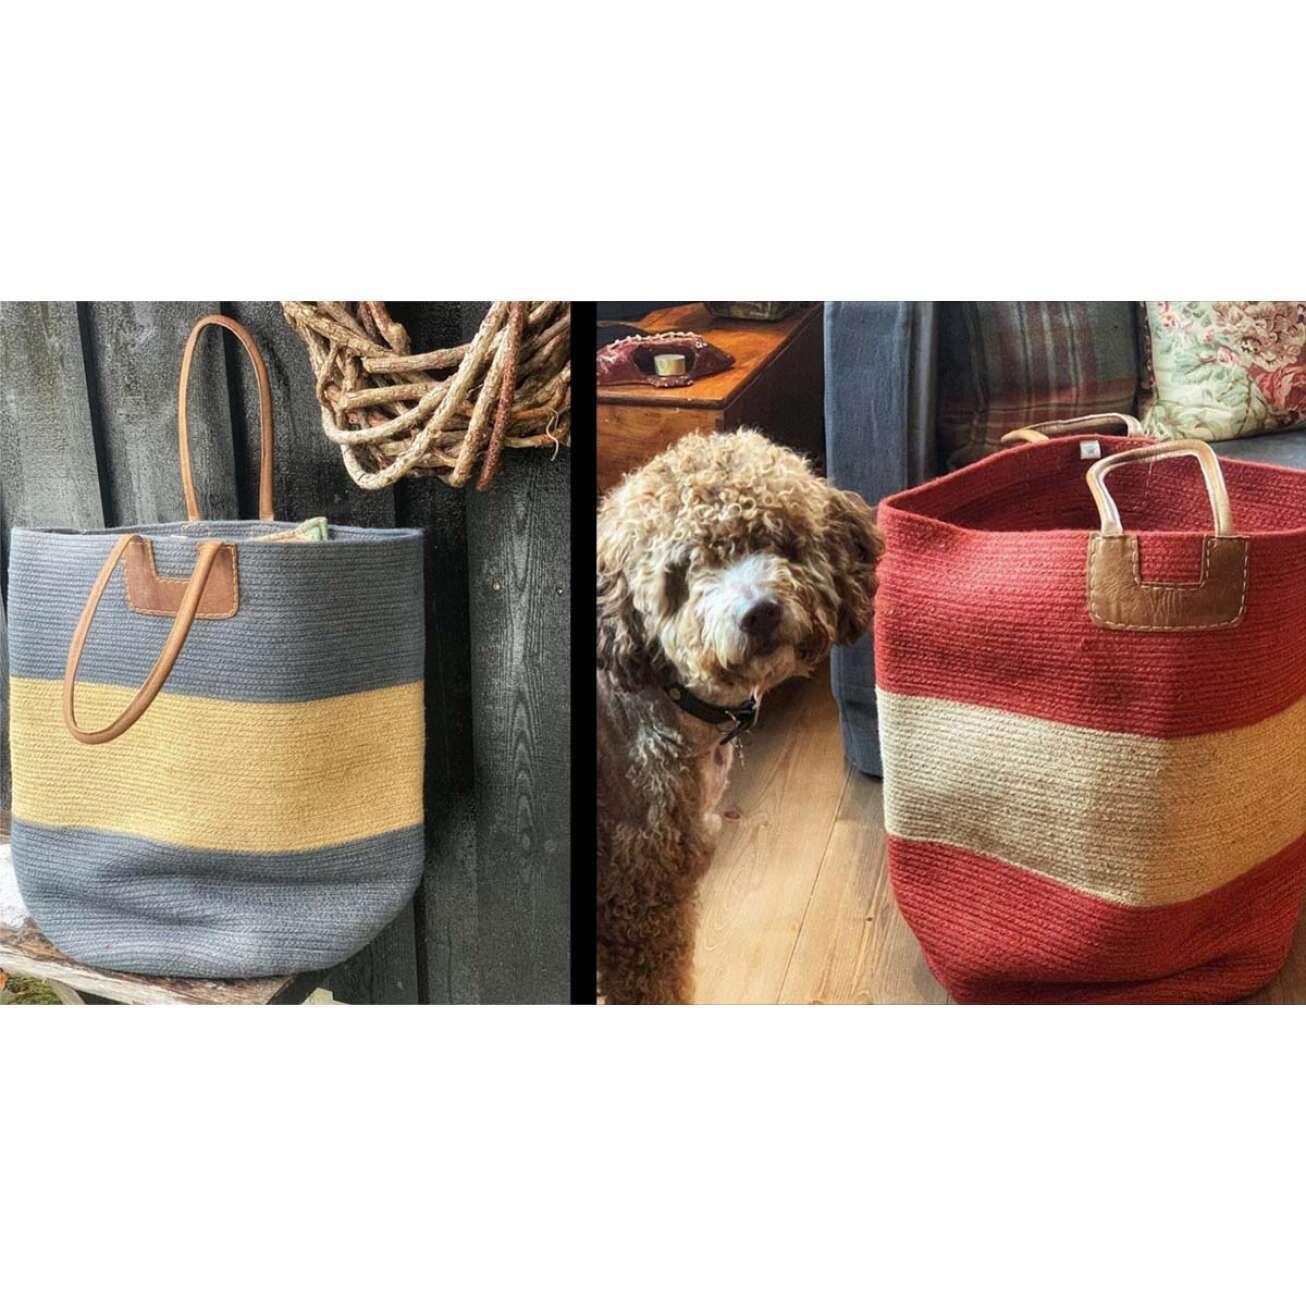 House-of-good-people-gul-bag-og-rod-bag-med-hund2 Hagemøbler og utemøbler - Fine design